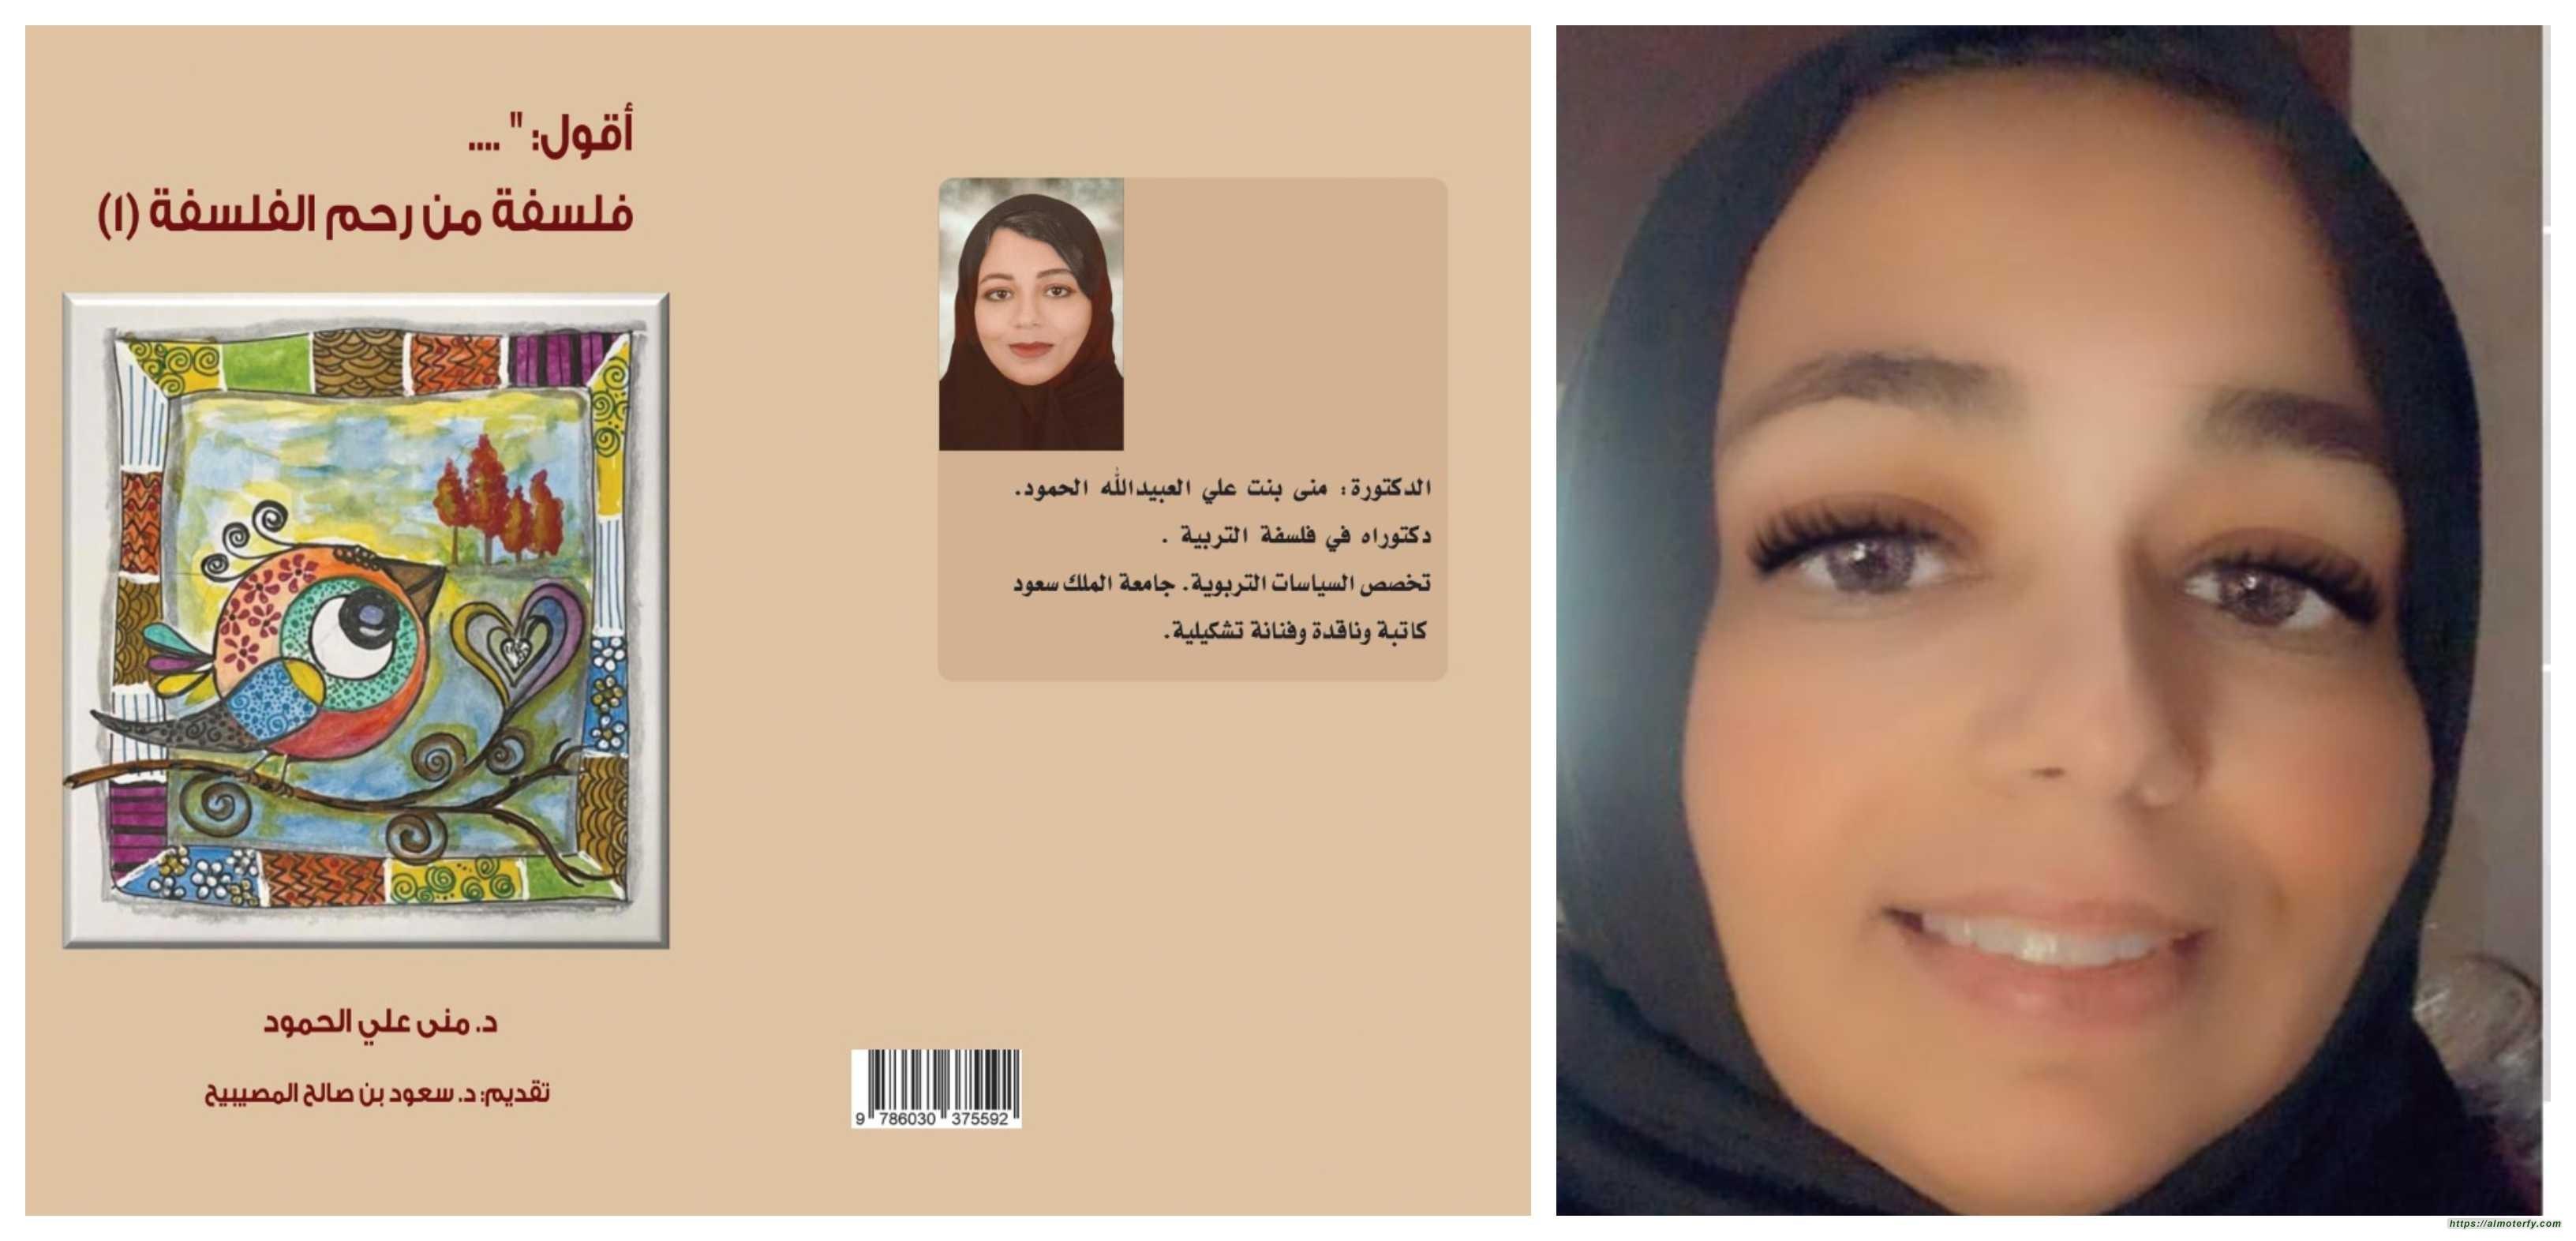 صدر للدكتورة التربوية الفنانة منى بنت علي الحمود:  فلسفة من رحم الفلسفة كتاب جديد بثوب قشيب جميل